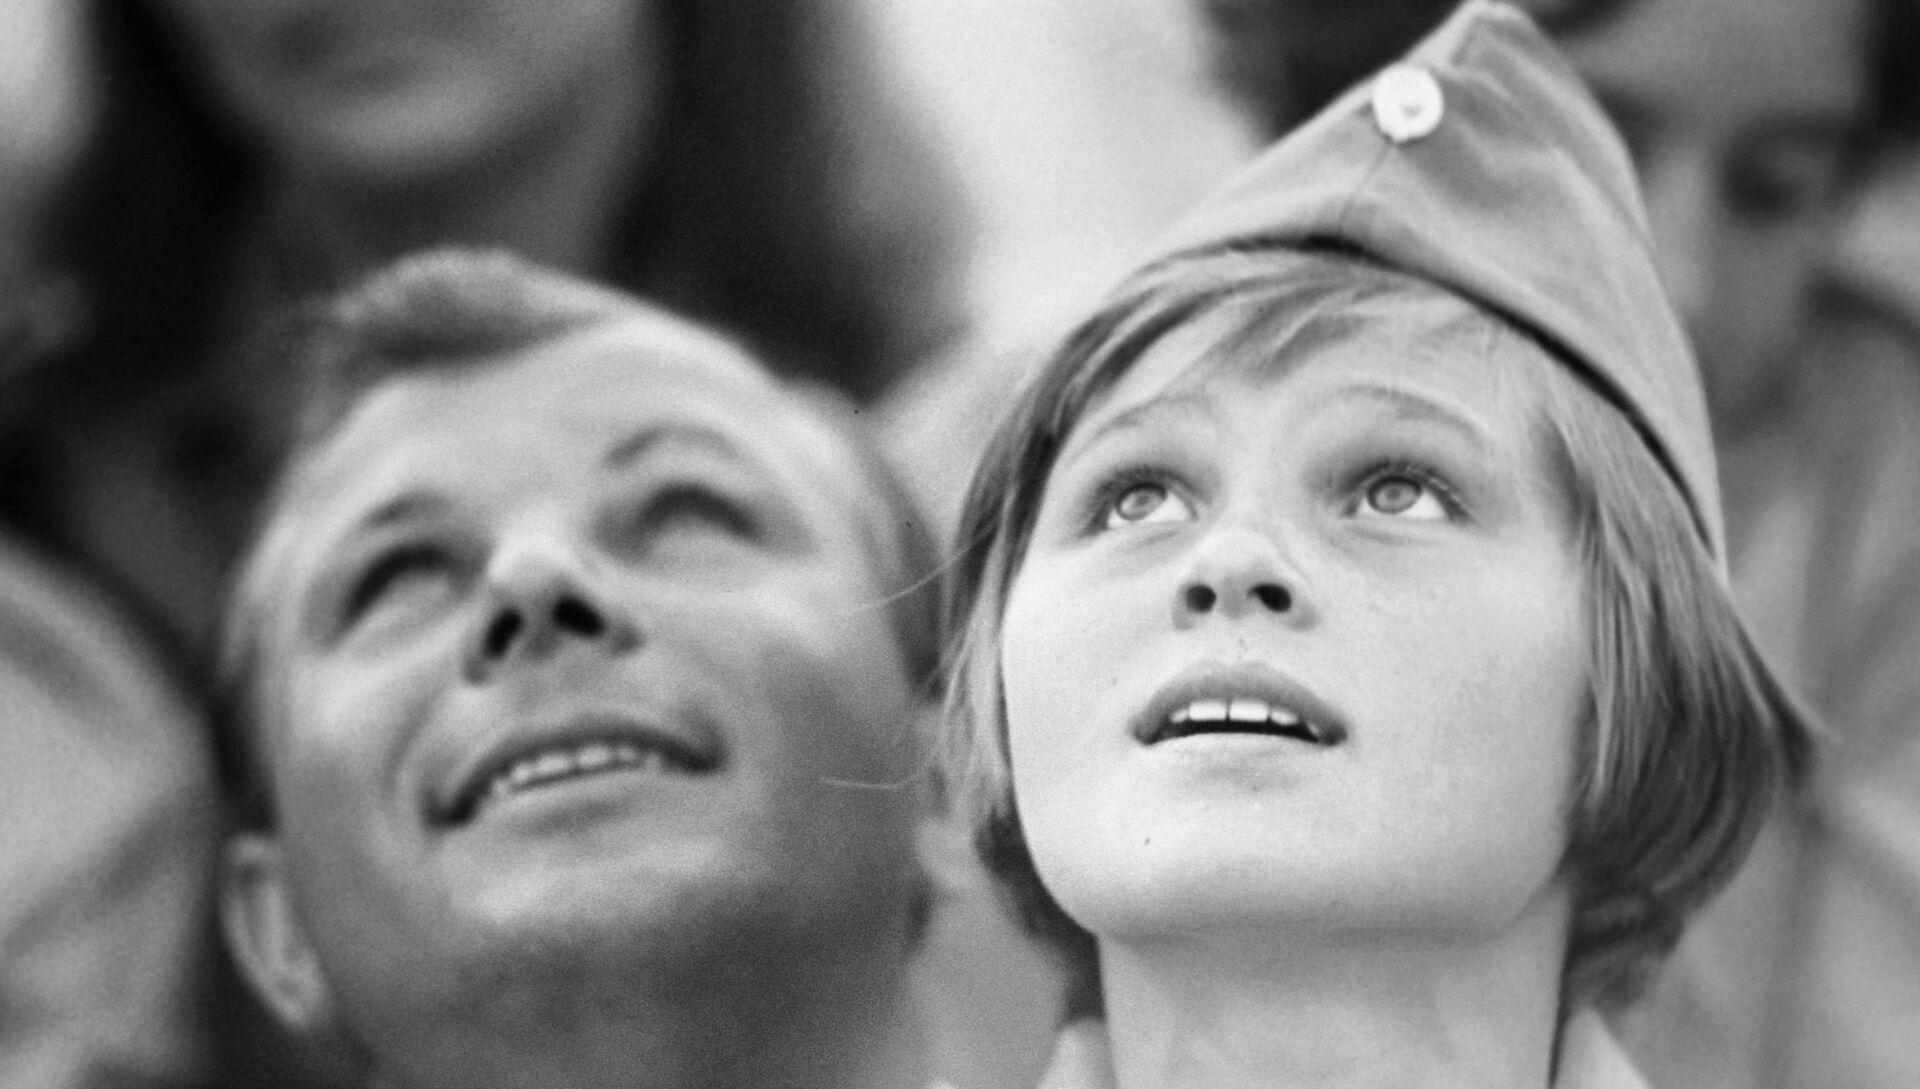 Юрий Гагарин в качестве почетного гостя в Артеке, 1967 год - РИА Новости, 1920, 13.11.2020